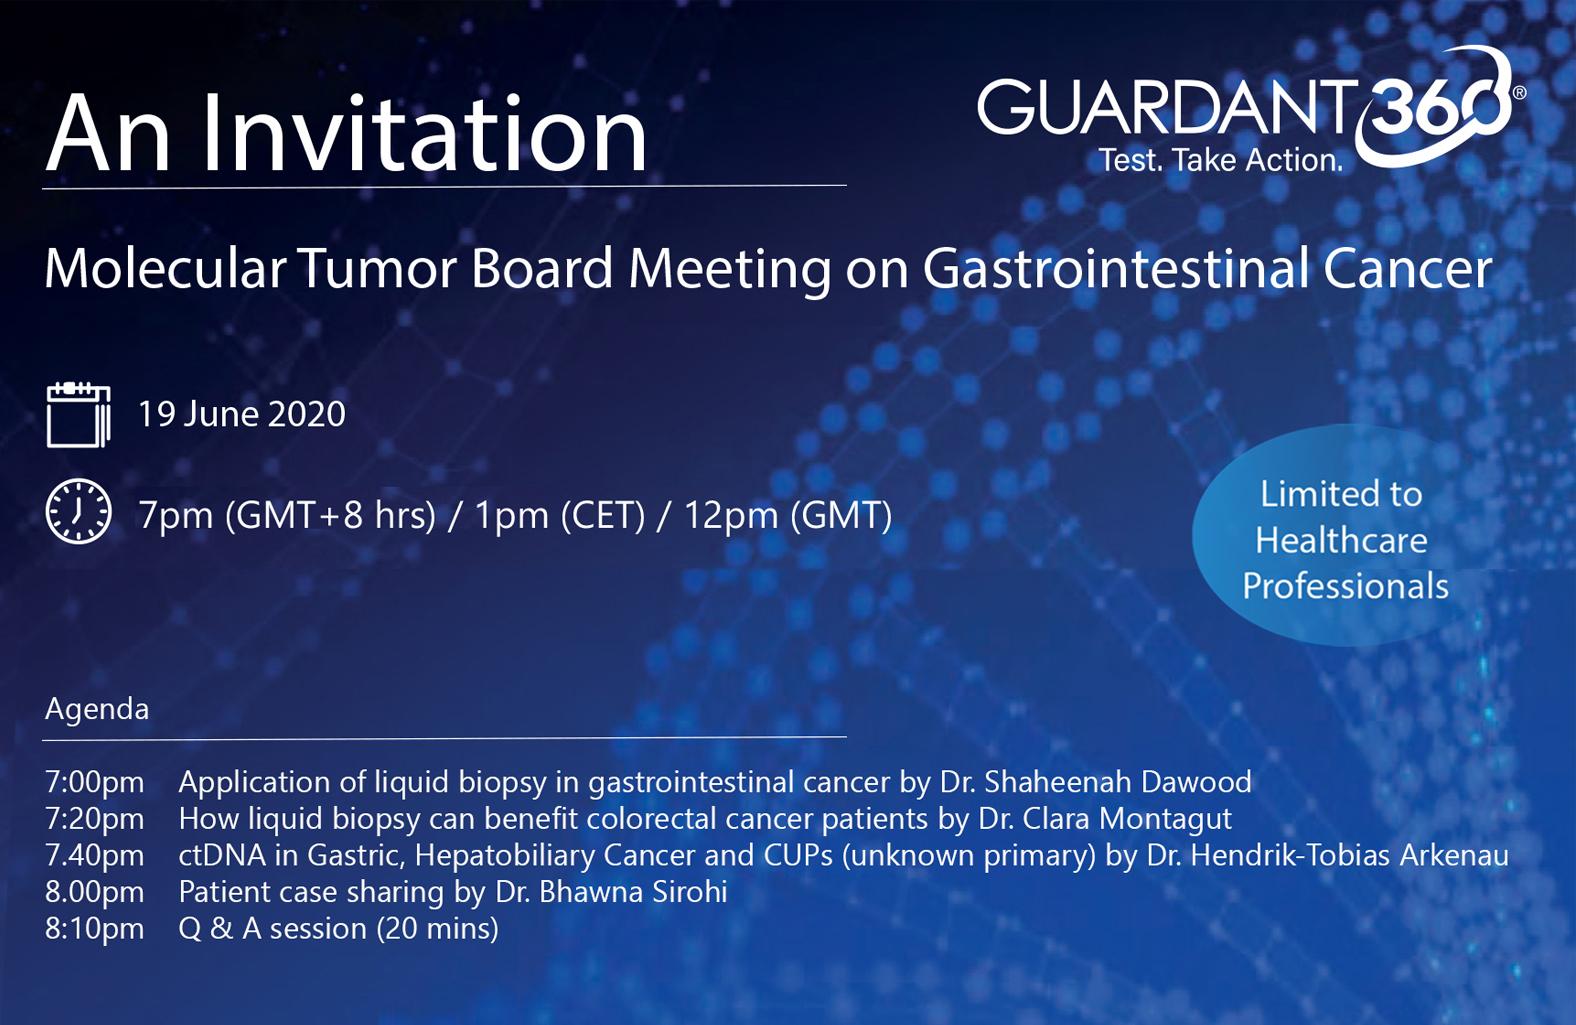 Molecular Tumor Board Webinar on Gastrointestinal Cancer